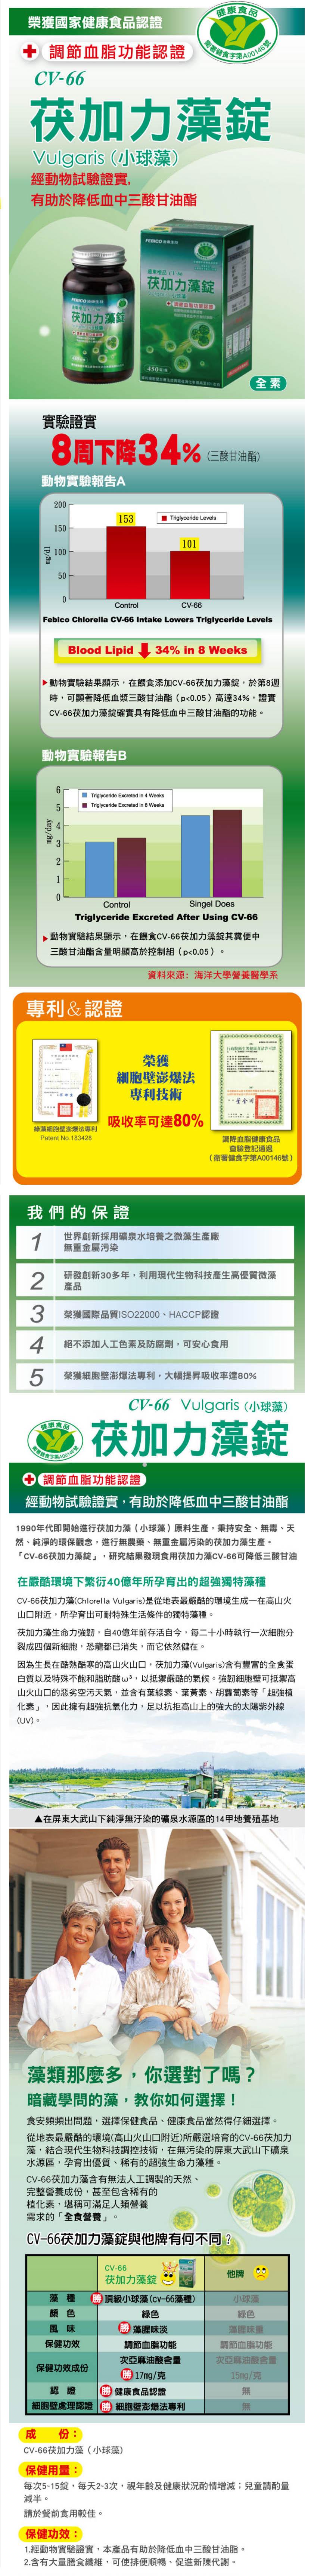 茯加力藻降三酸甘油酯,茯加力藻調節血脂,CV-66茯加力藻錠